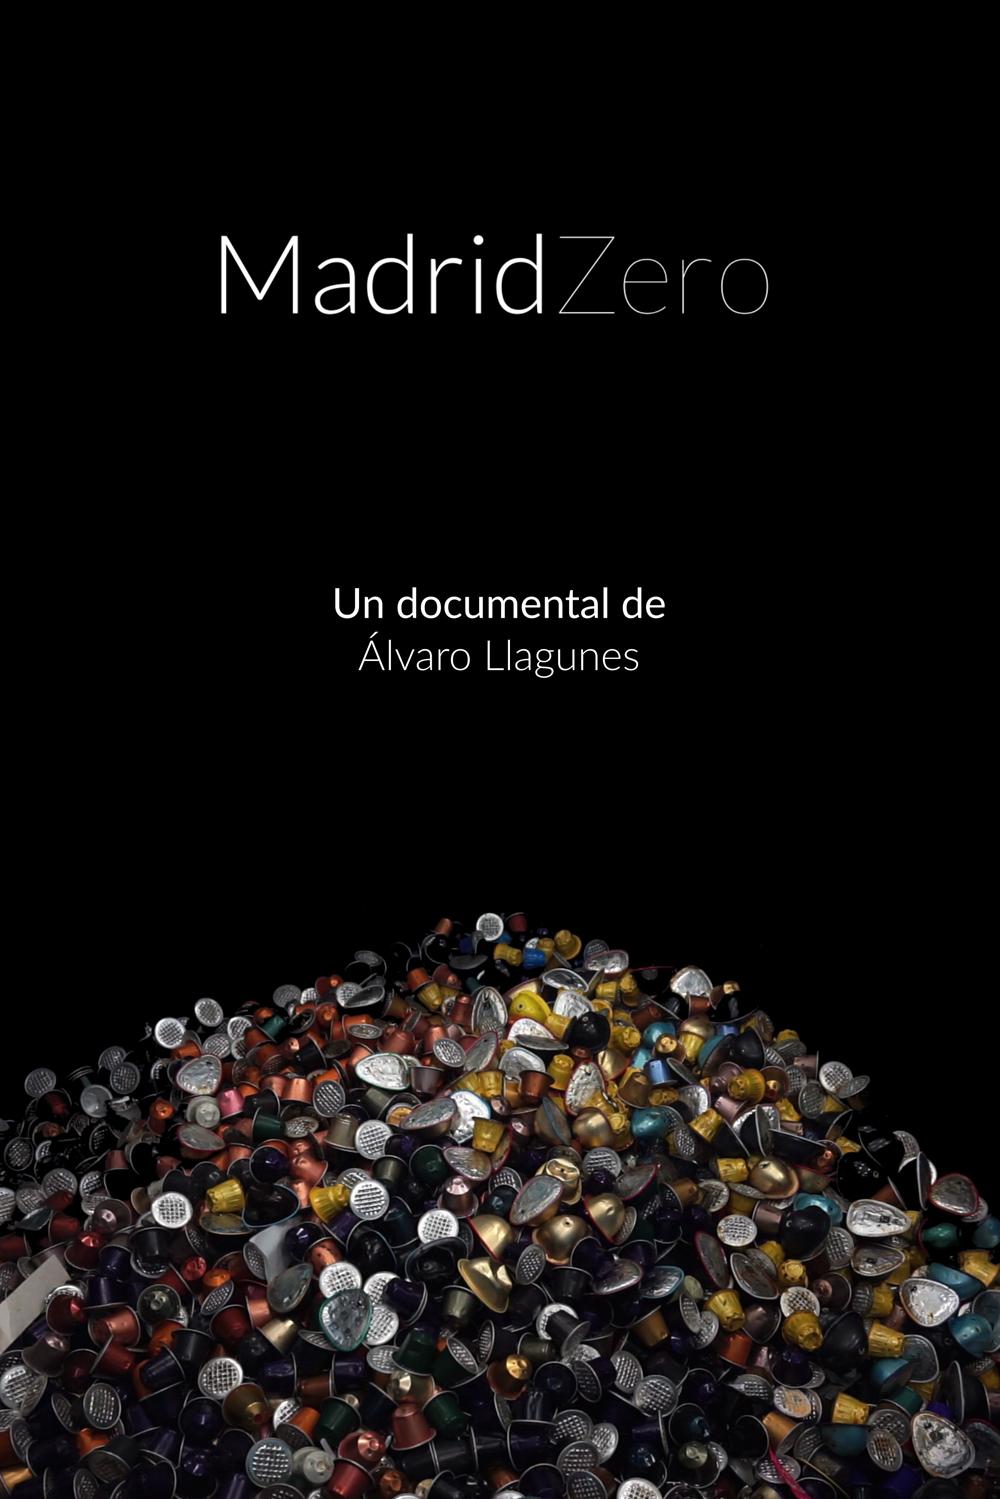 Copia de Madrid Zero promo Espanol